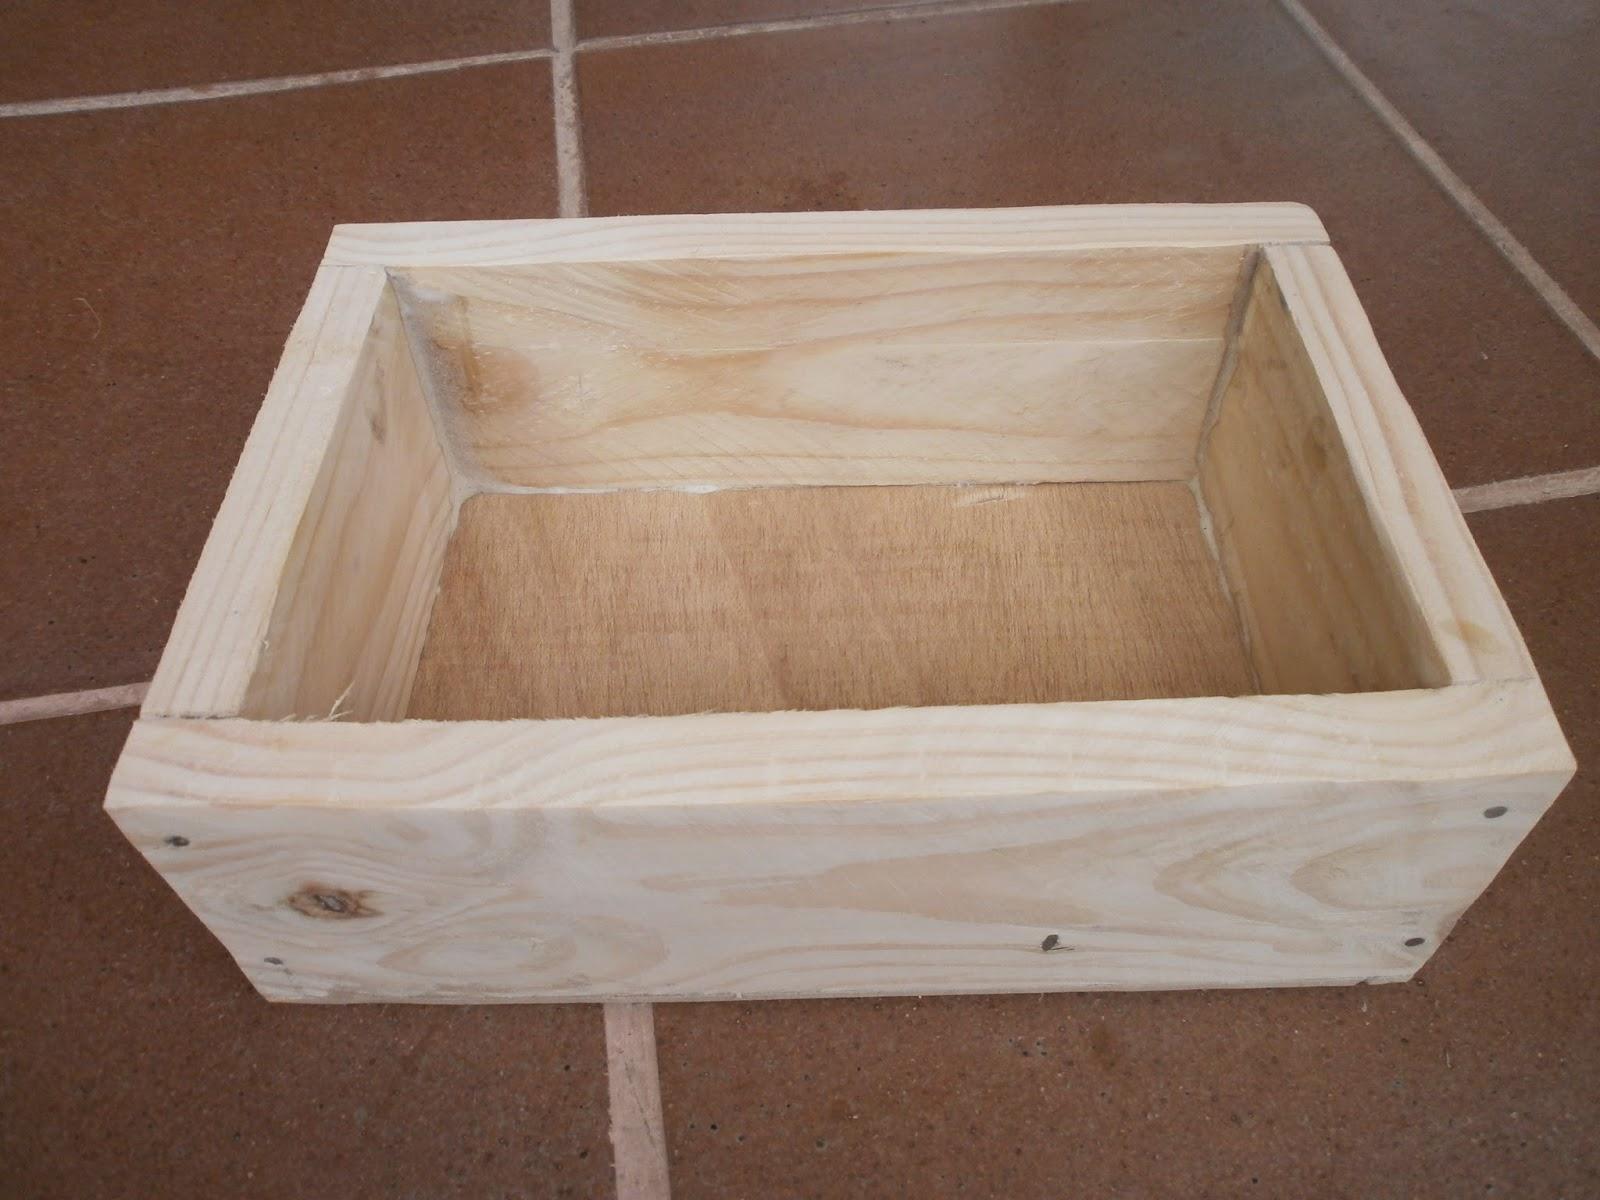 Mis cosas de madera caja retro - Hacer una caja de madera ...